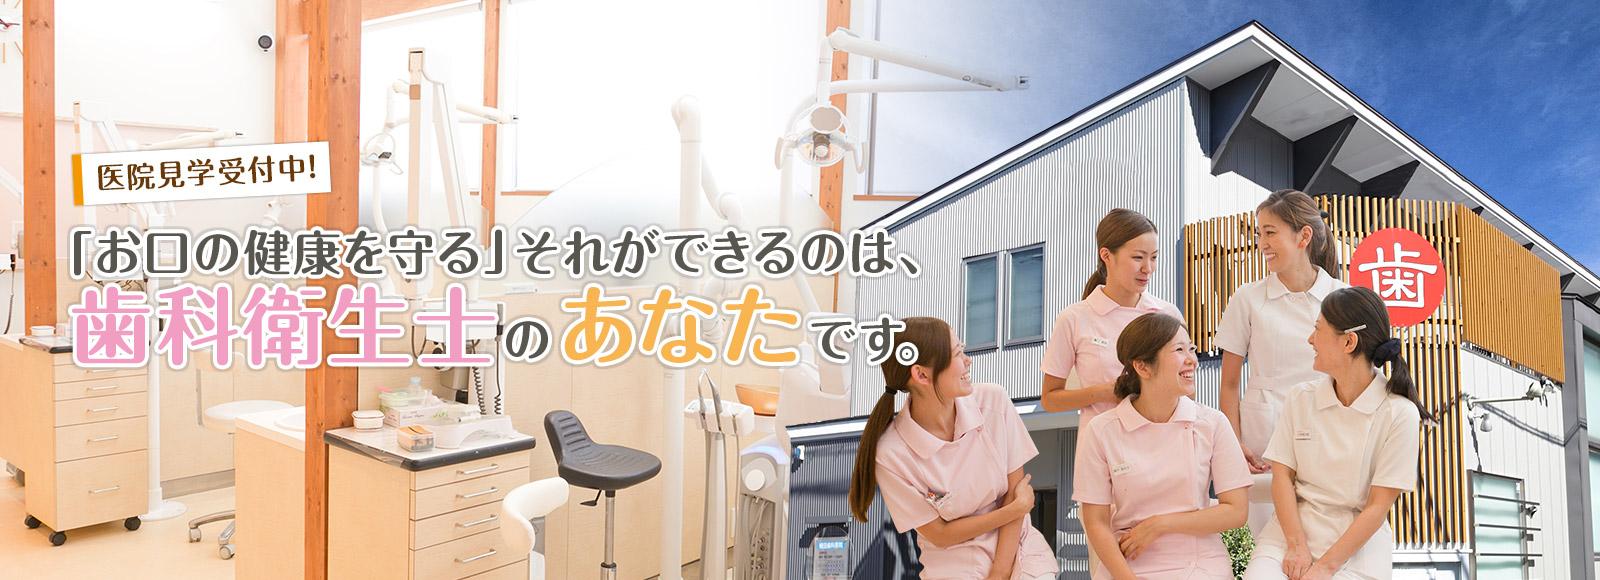 【医院見学受付中!】『お口の健康を守る』それができるのは、歯科衛生士のあなたです。